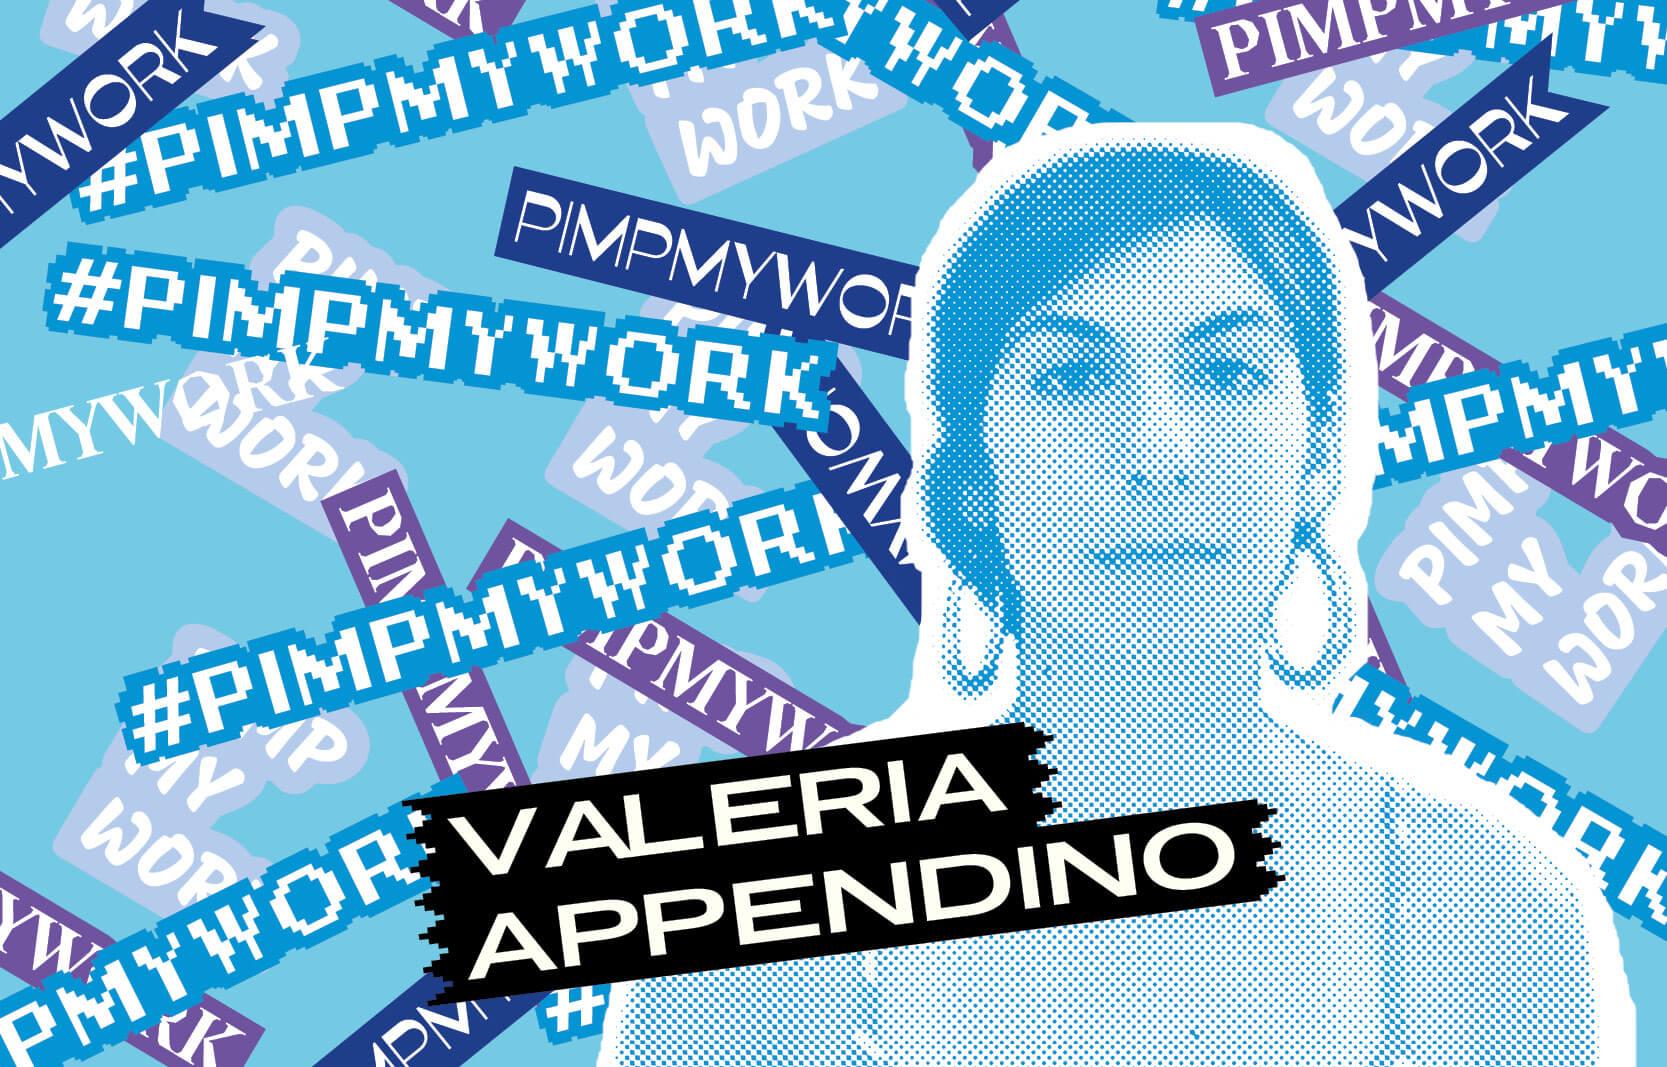 Valeria Appendino